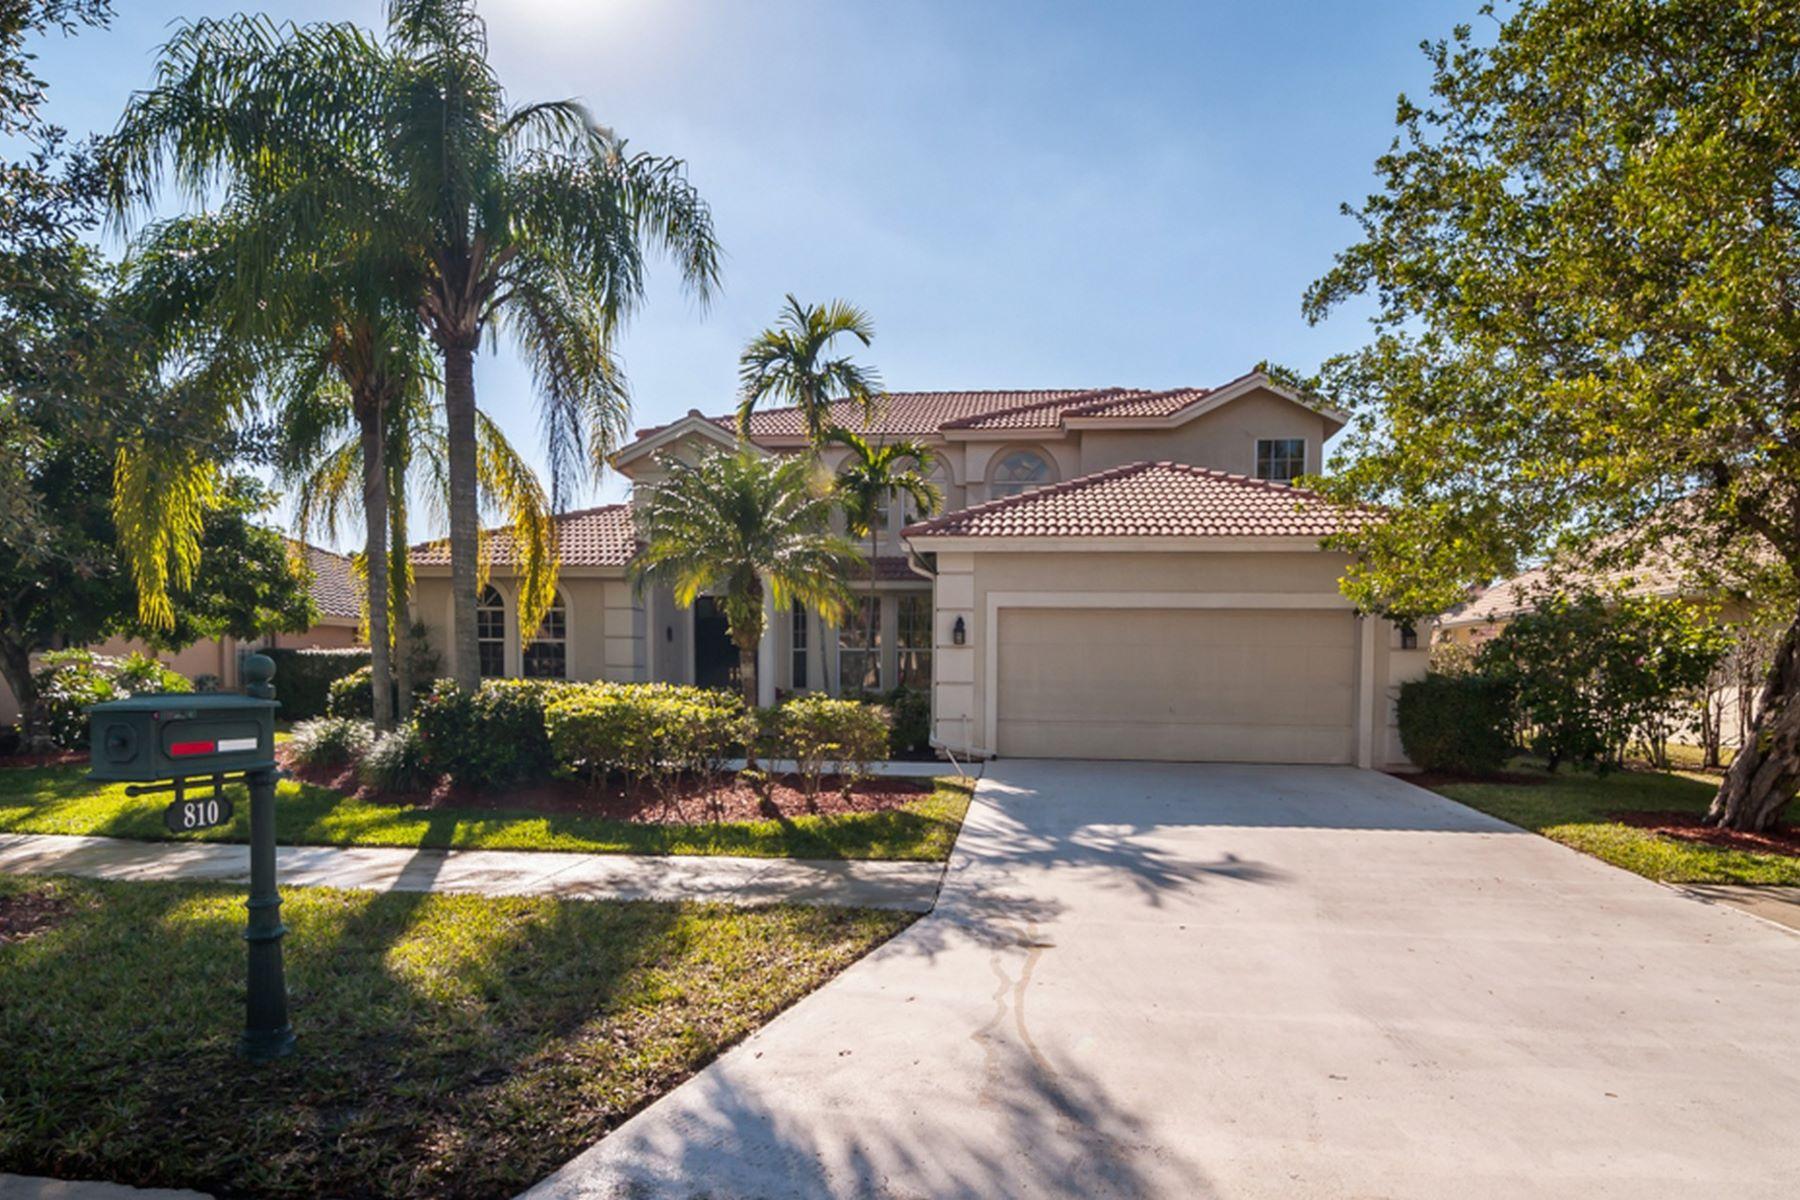 Tek Ailelik Ev için Satış at 810 Bayside Ln Weston, Florida, 33326 Amerika Birleşik Devletleri